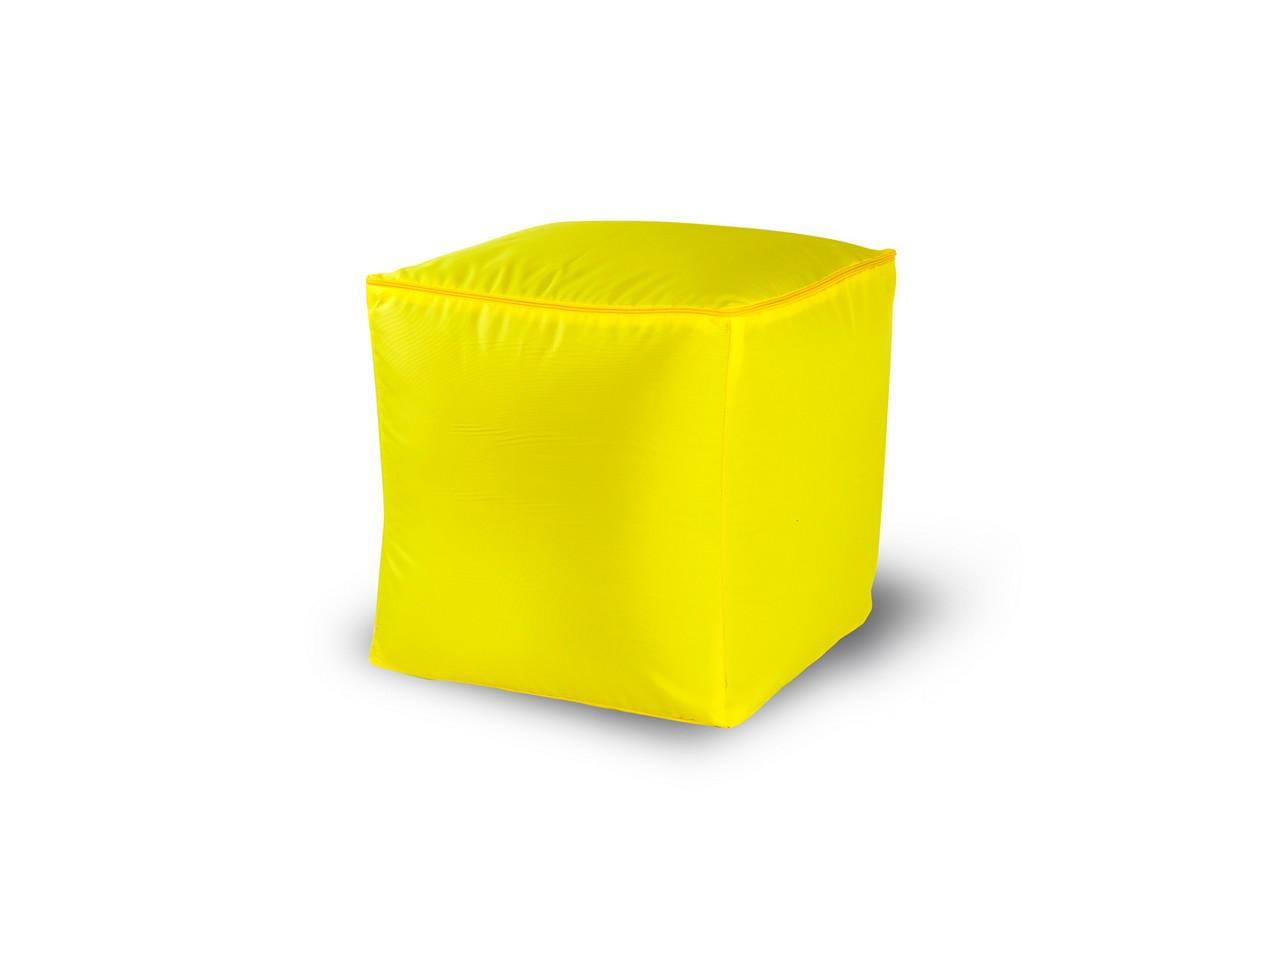 Пуфик для ног Yellow OxfordФорменные пуфы<br>&amp;lt;div&amp;gt;Съемный чехол: Да (на молнии);&amp;lt;/div&amp;gt;&amp;lt;div&amp;gt;Наполнитель: пенополистирол (гранула 2 мм).&amp;lt;/div&amp;gt;<br><br>Material: Текстиль<br>Ширина см: 45<br>Высота см: 45<br>Глубина см: 45